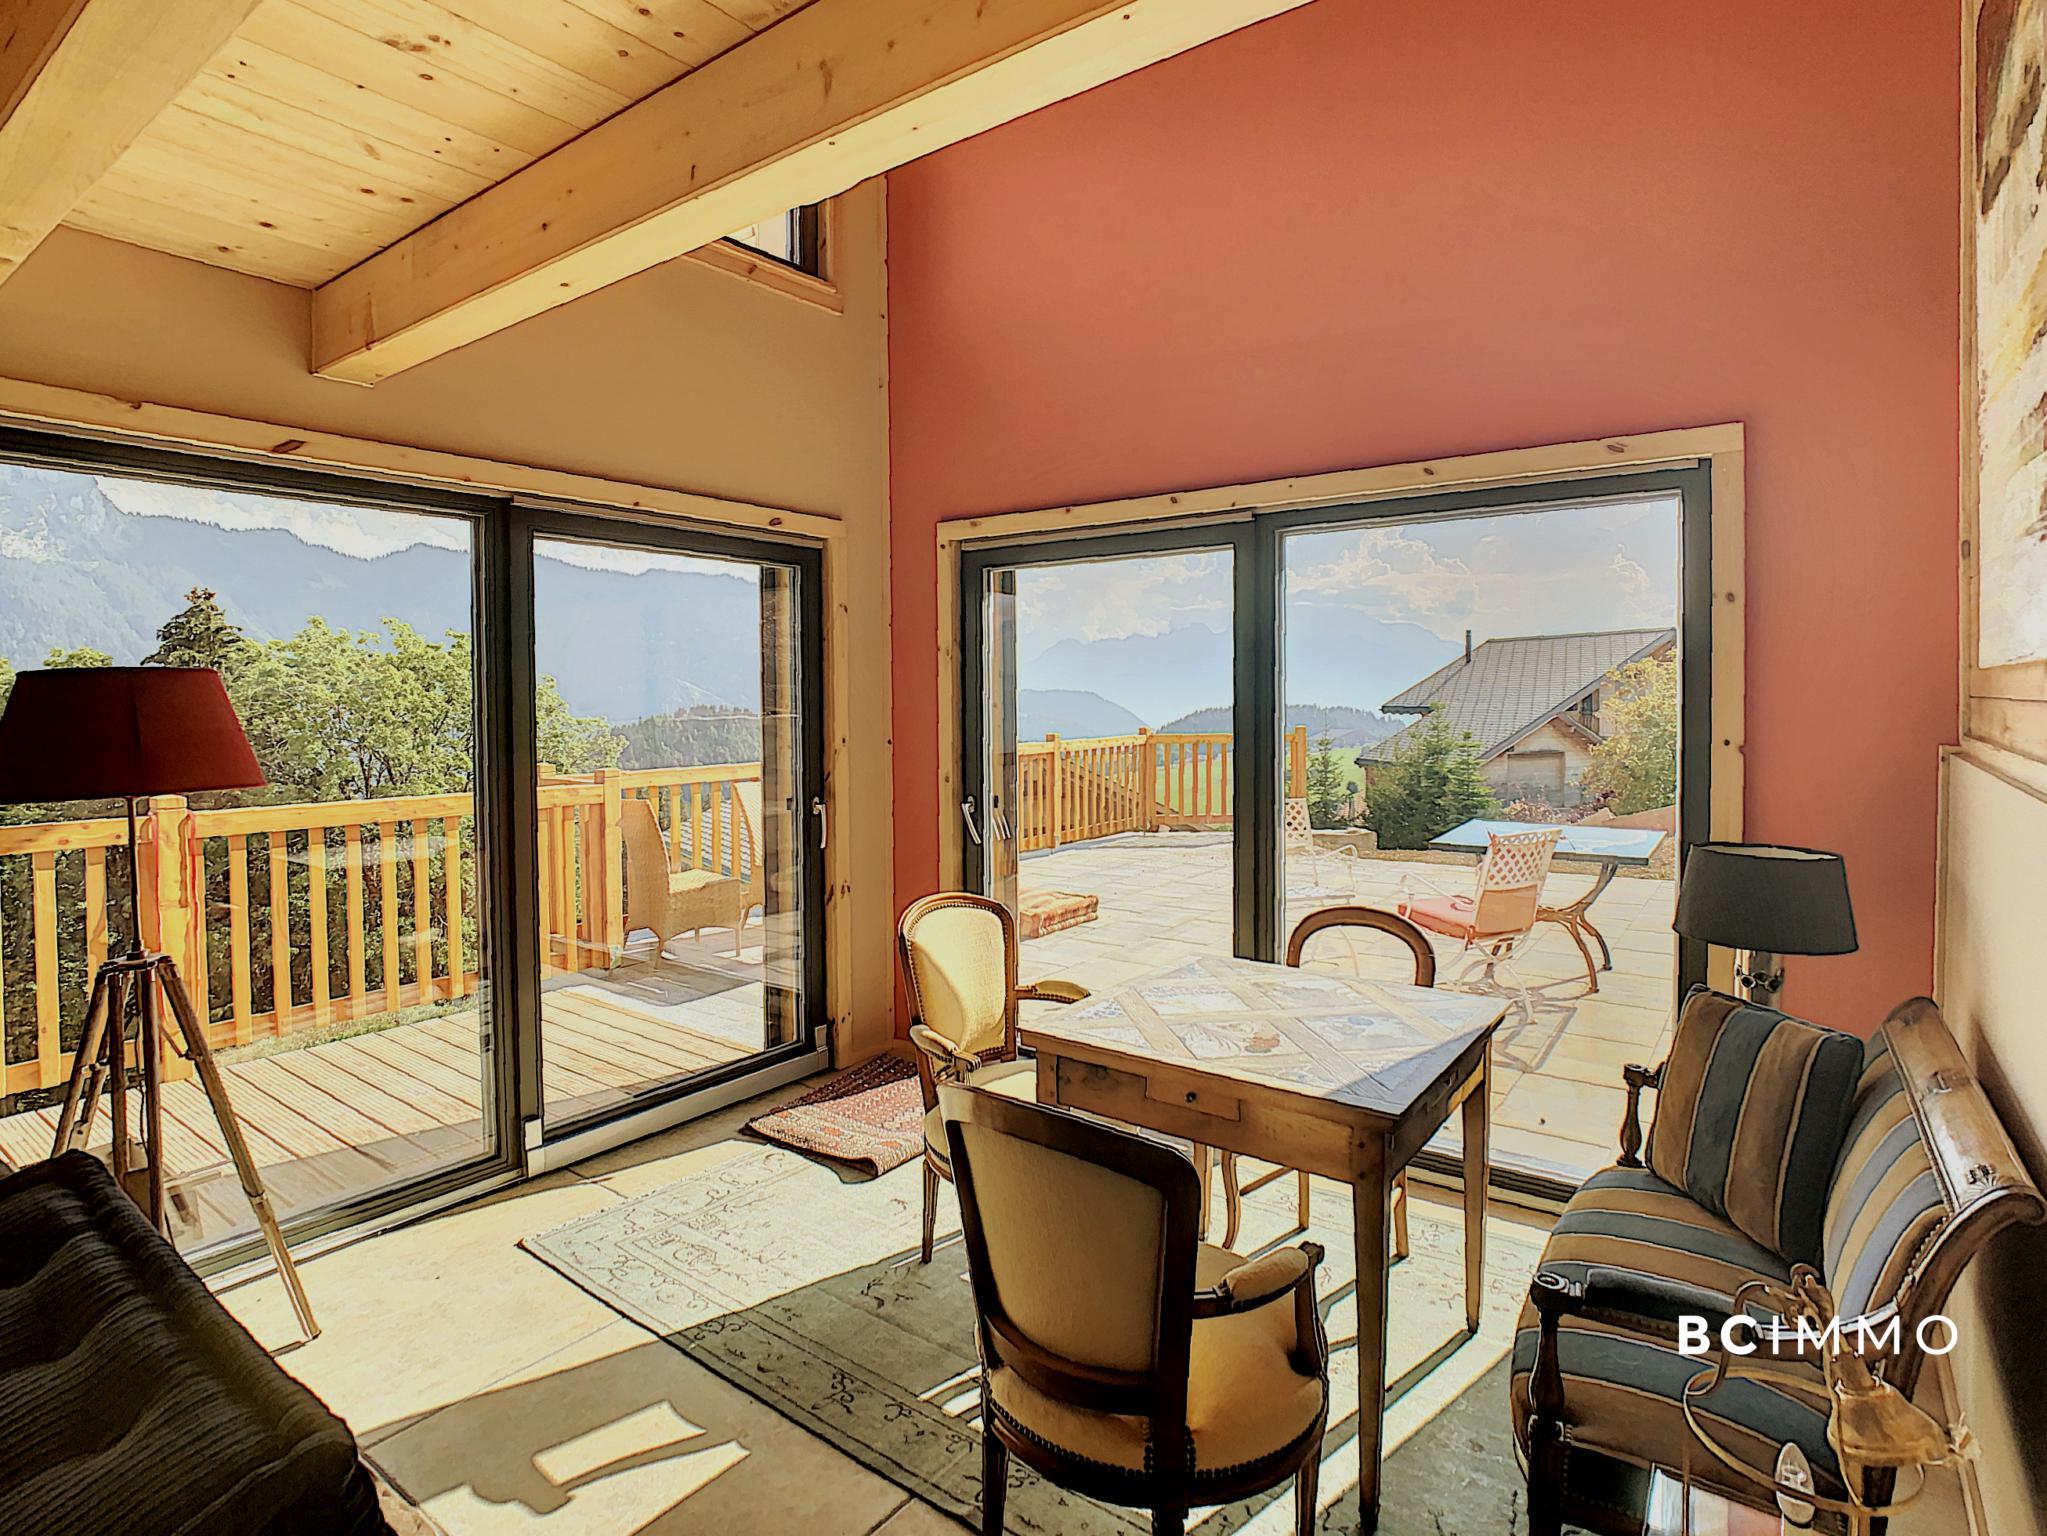 BC Immo - Splendide chalet avec piscine intérieure - Vue panoramique - LYSNETLXL